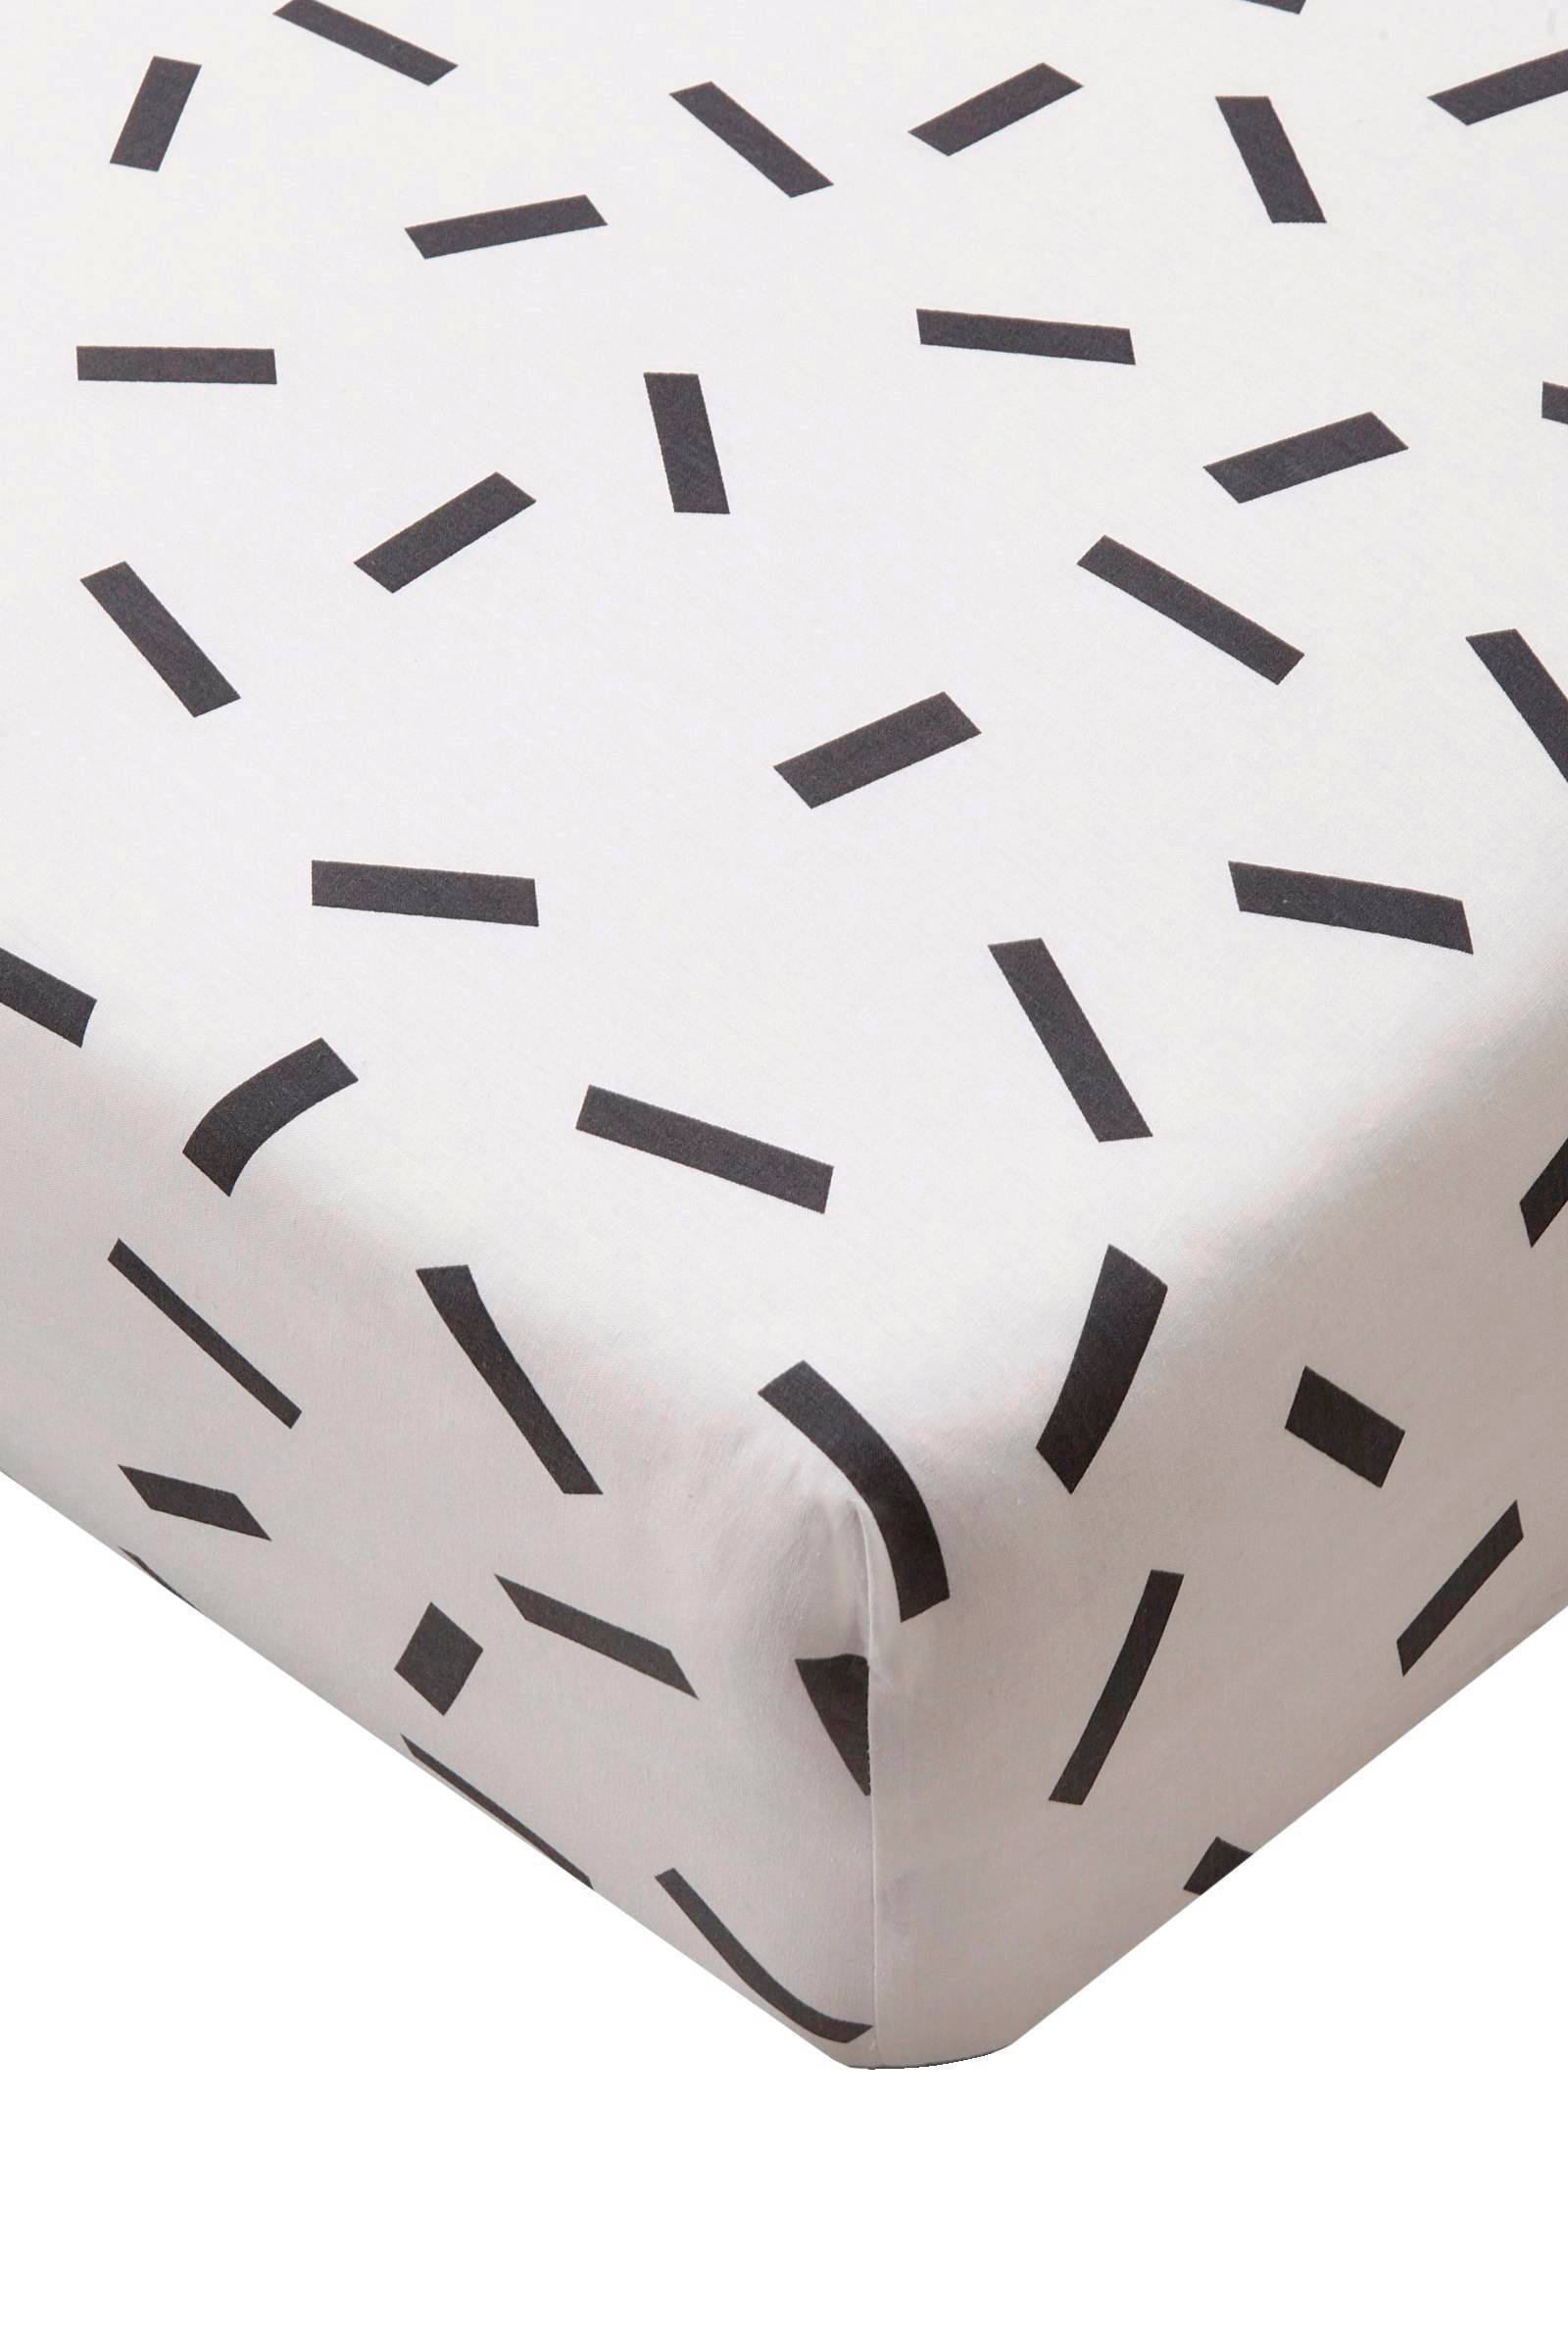 Hoeslaken Zwart Wit.Whkmp S Own Katoenen Hoeslaken Zwart Wit Wehkamp